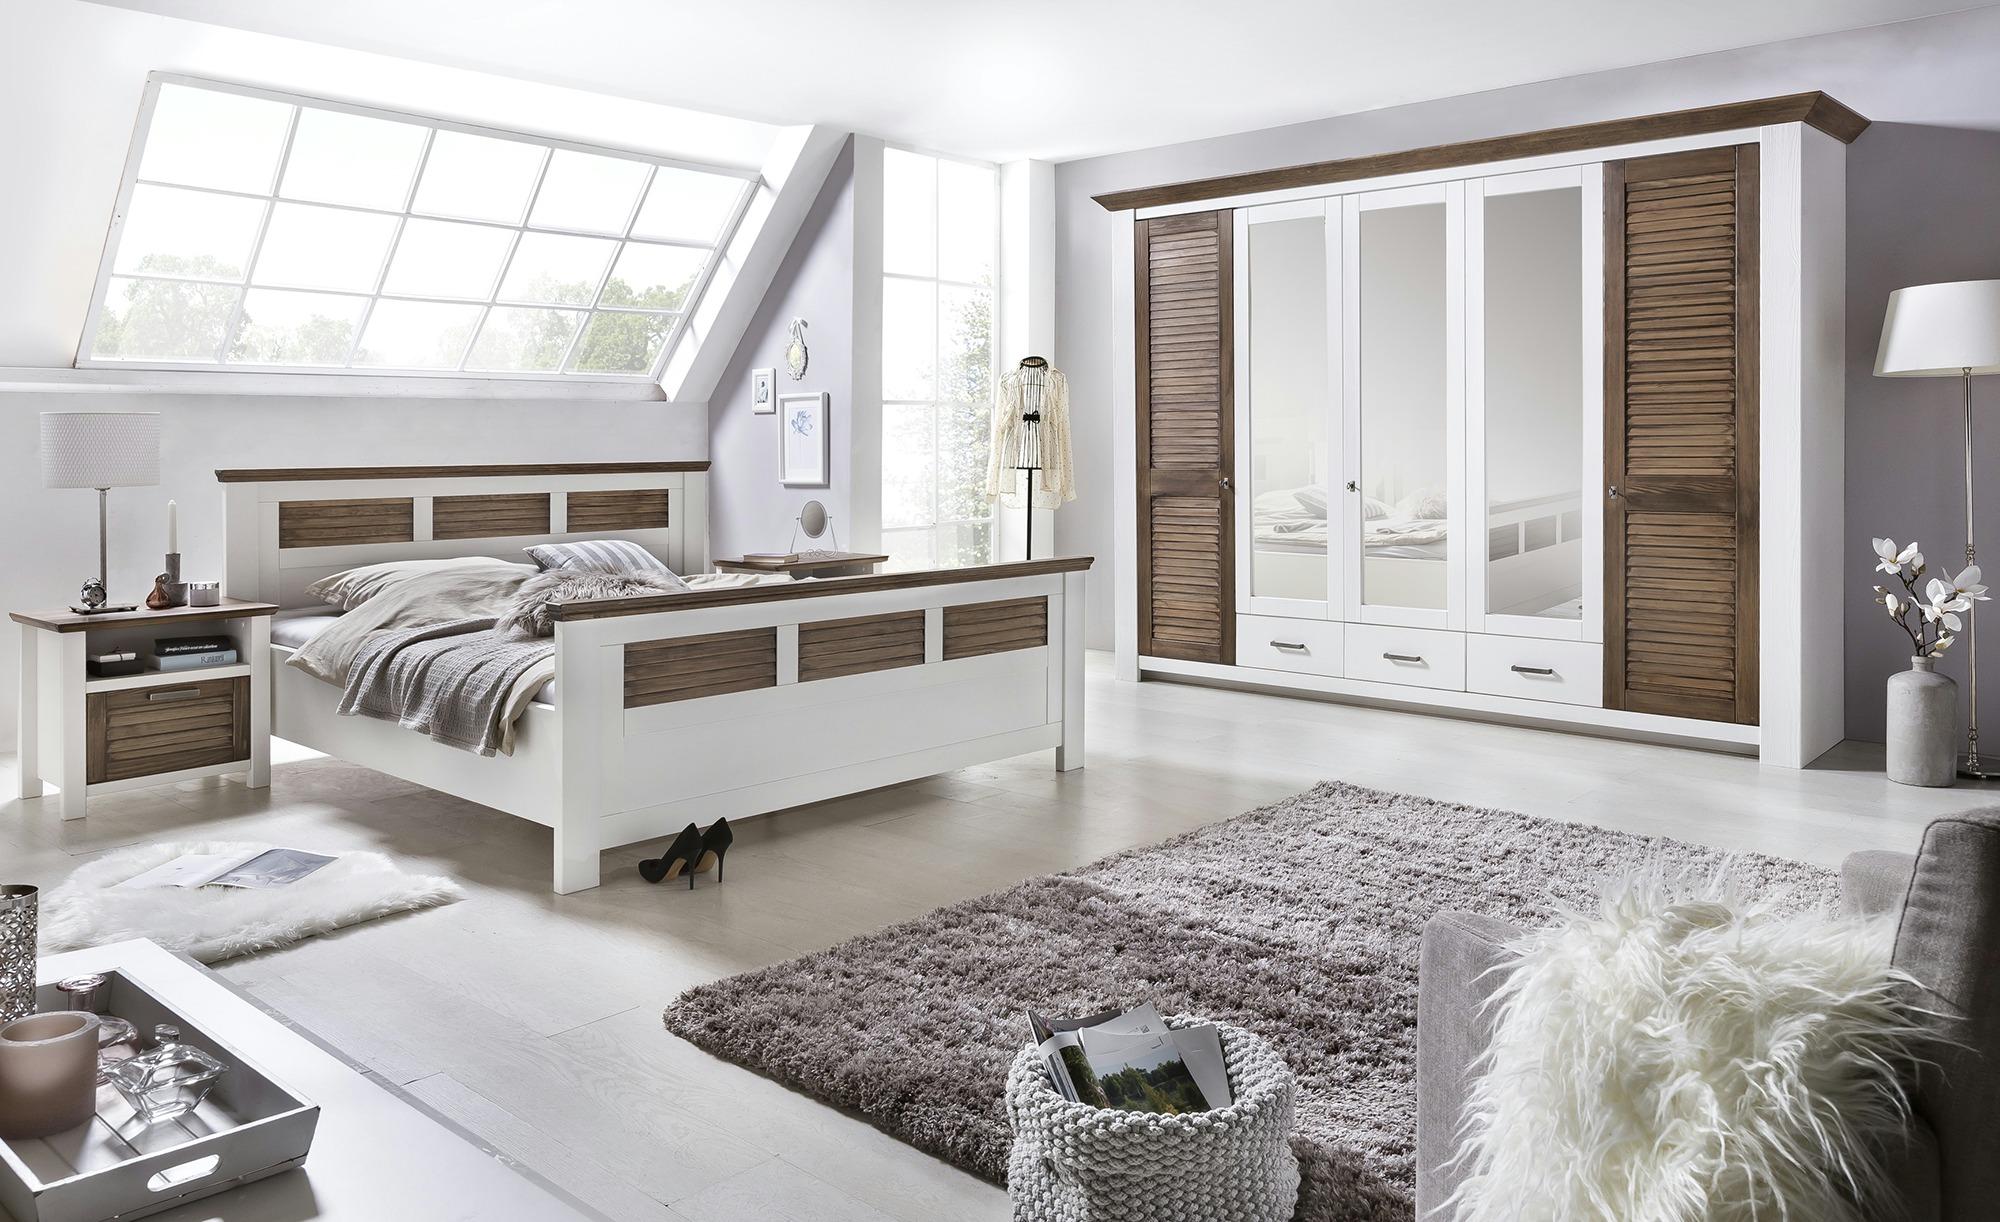 Komplett-Schlafzimmer 4-teilig Laguna, gefunden bei Möbel Höffner